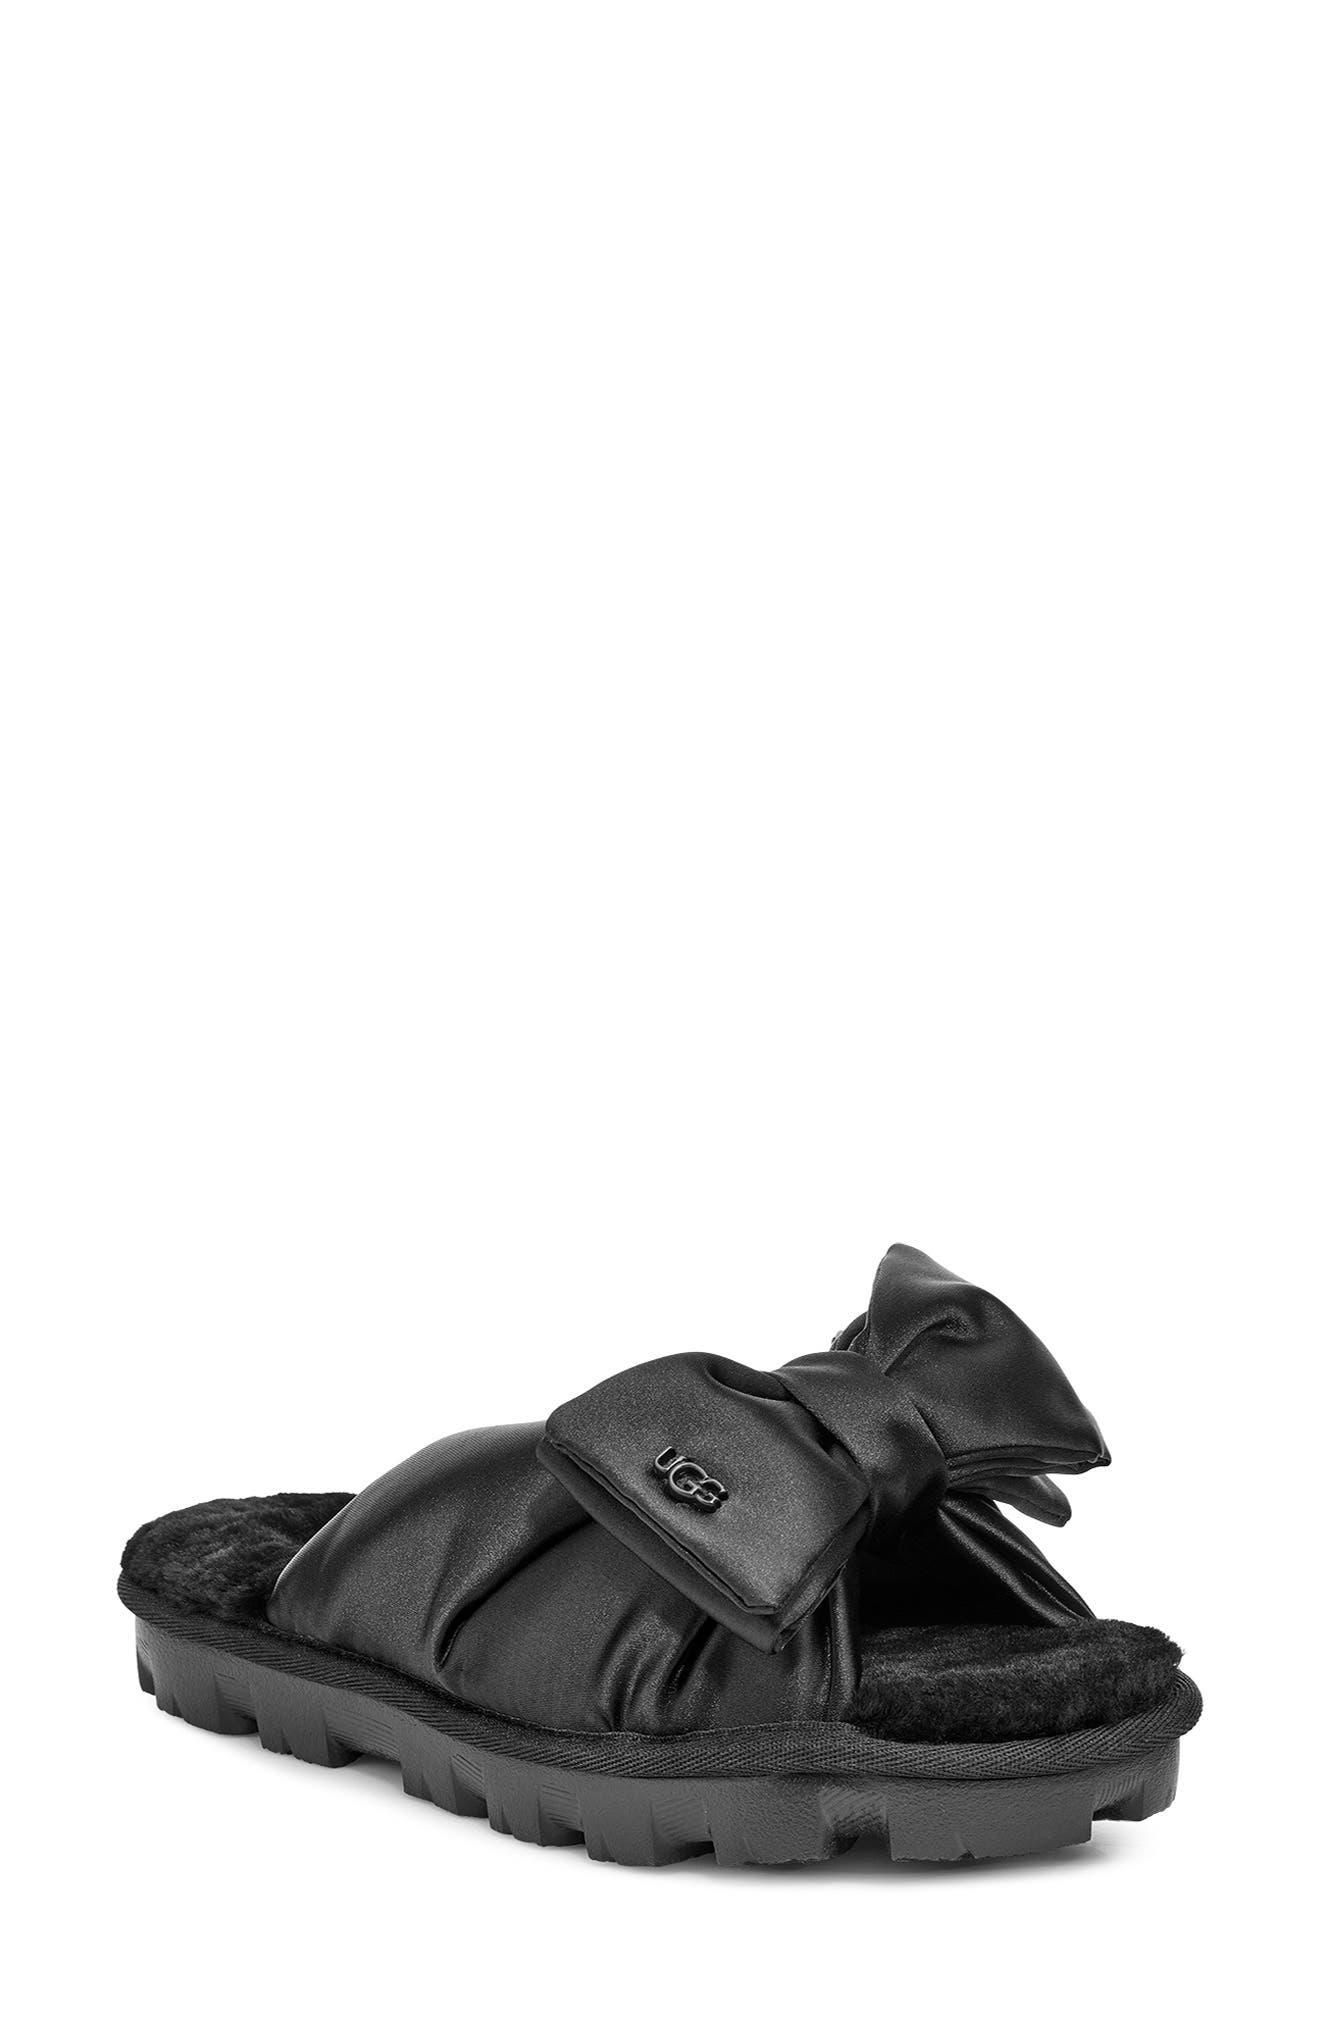 Ugg Lushette Puffer Genuine Shearling Slide Slipper, Black